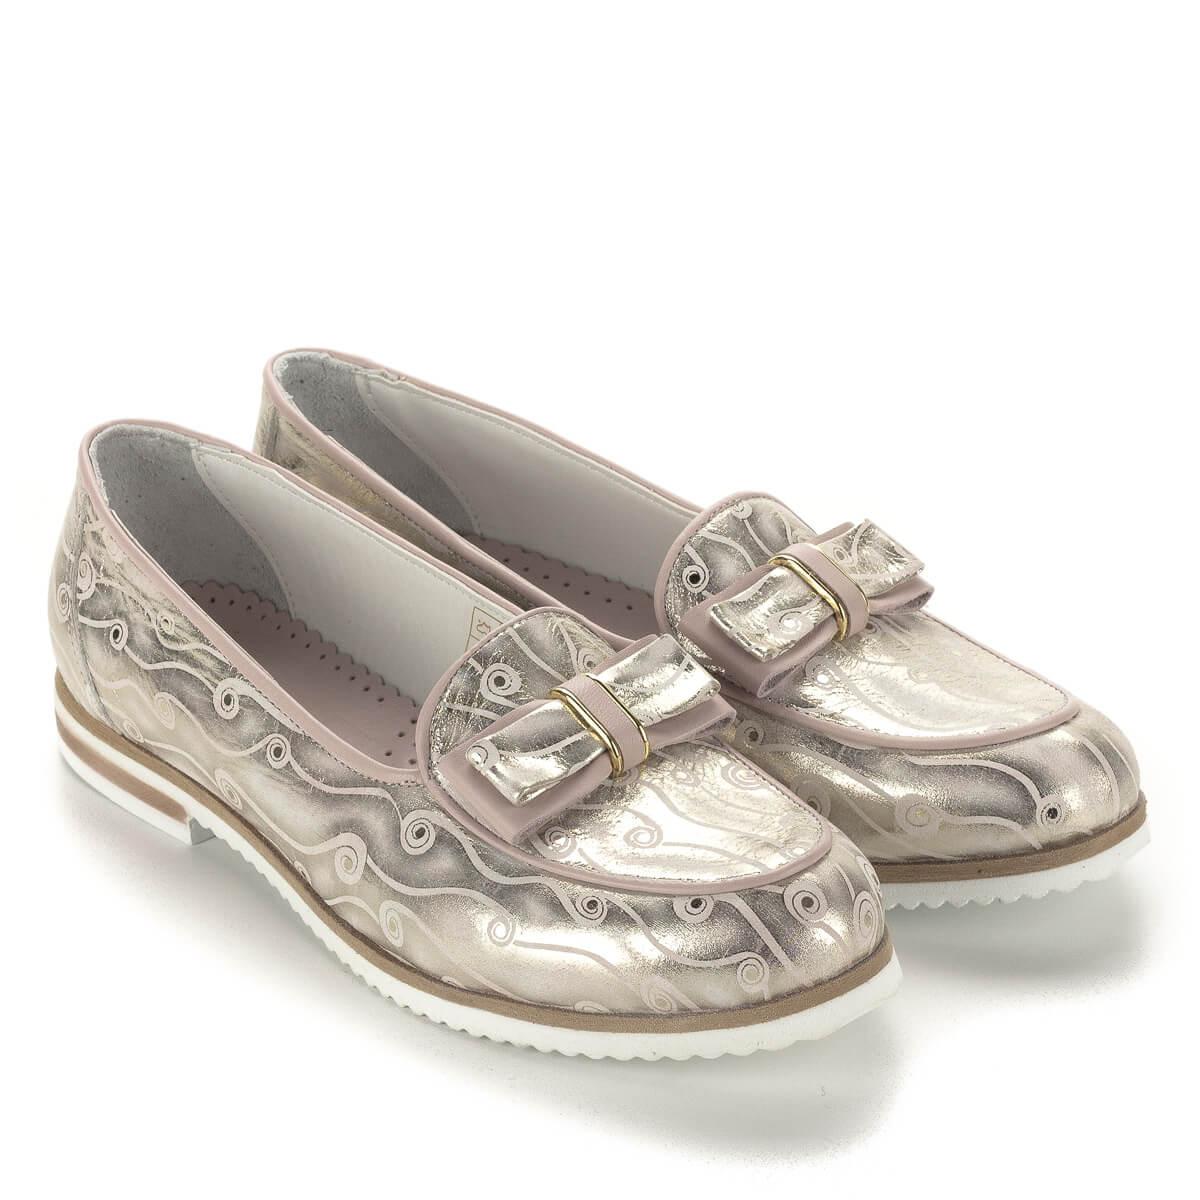 aa889d1f66 Anna Viotti masnis bőr cipő lapos talppal, bőr béléssel. Mintás bőrből  készült, rózsaszín ...